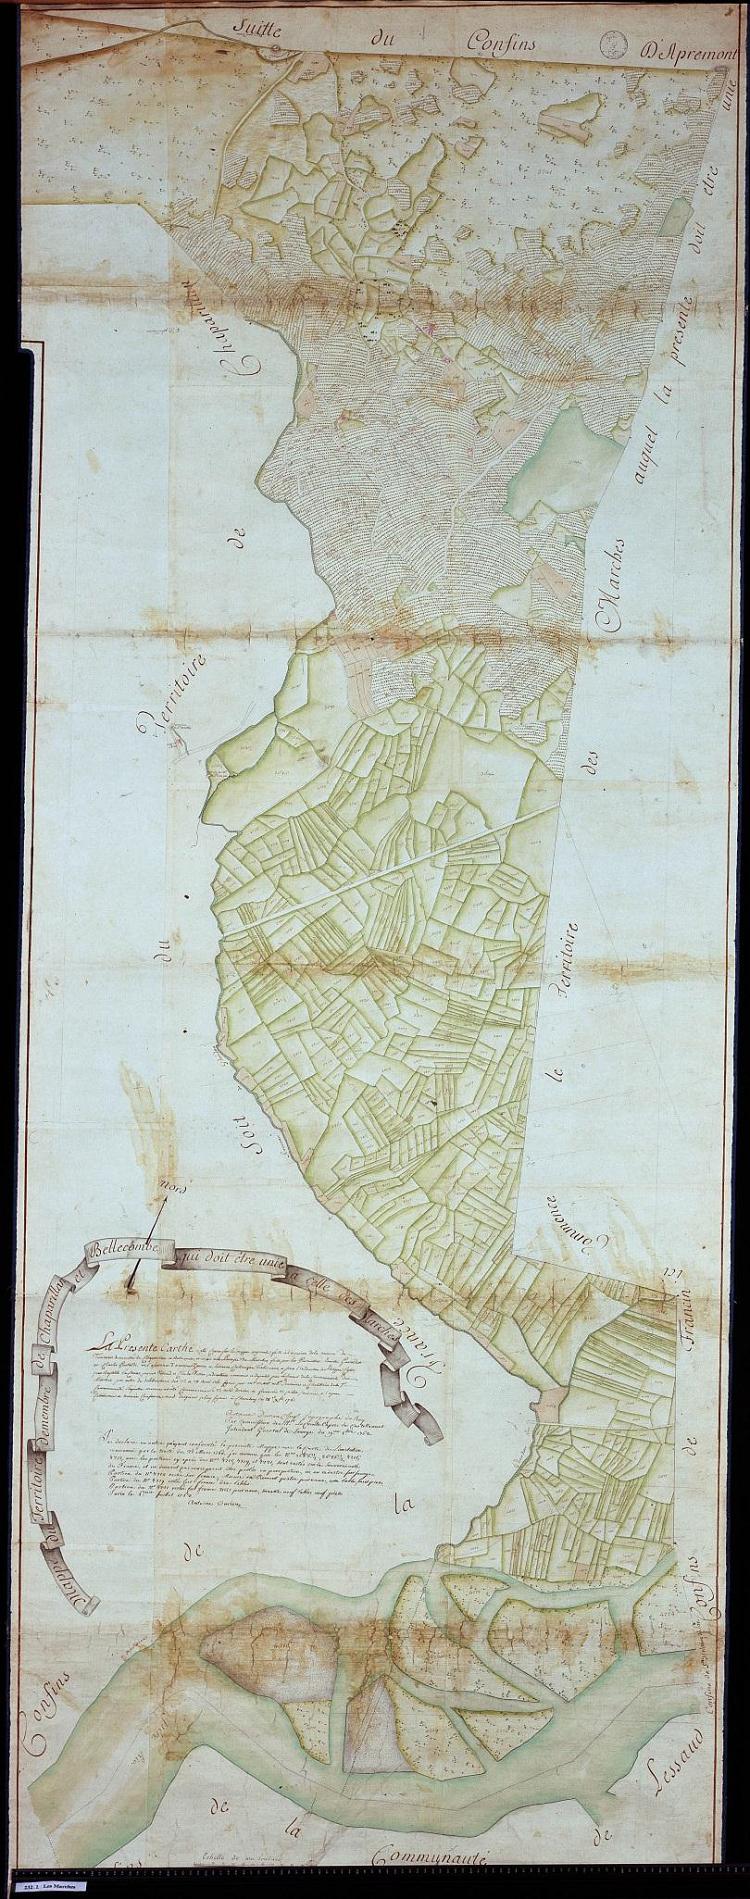 Mappe 232 bis Nouvelles limites des Marches de 1760, 1762